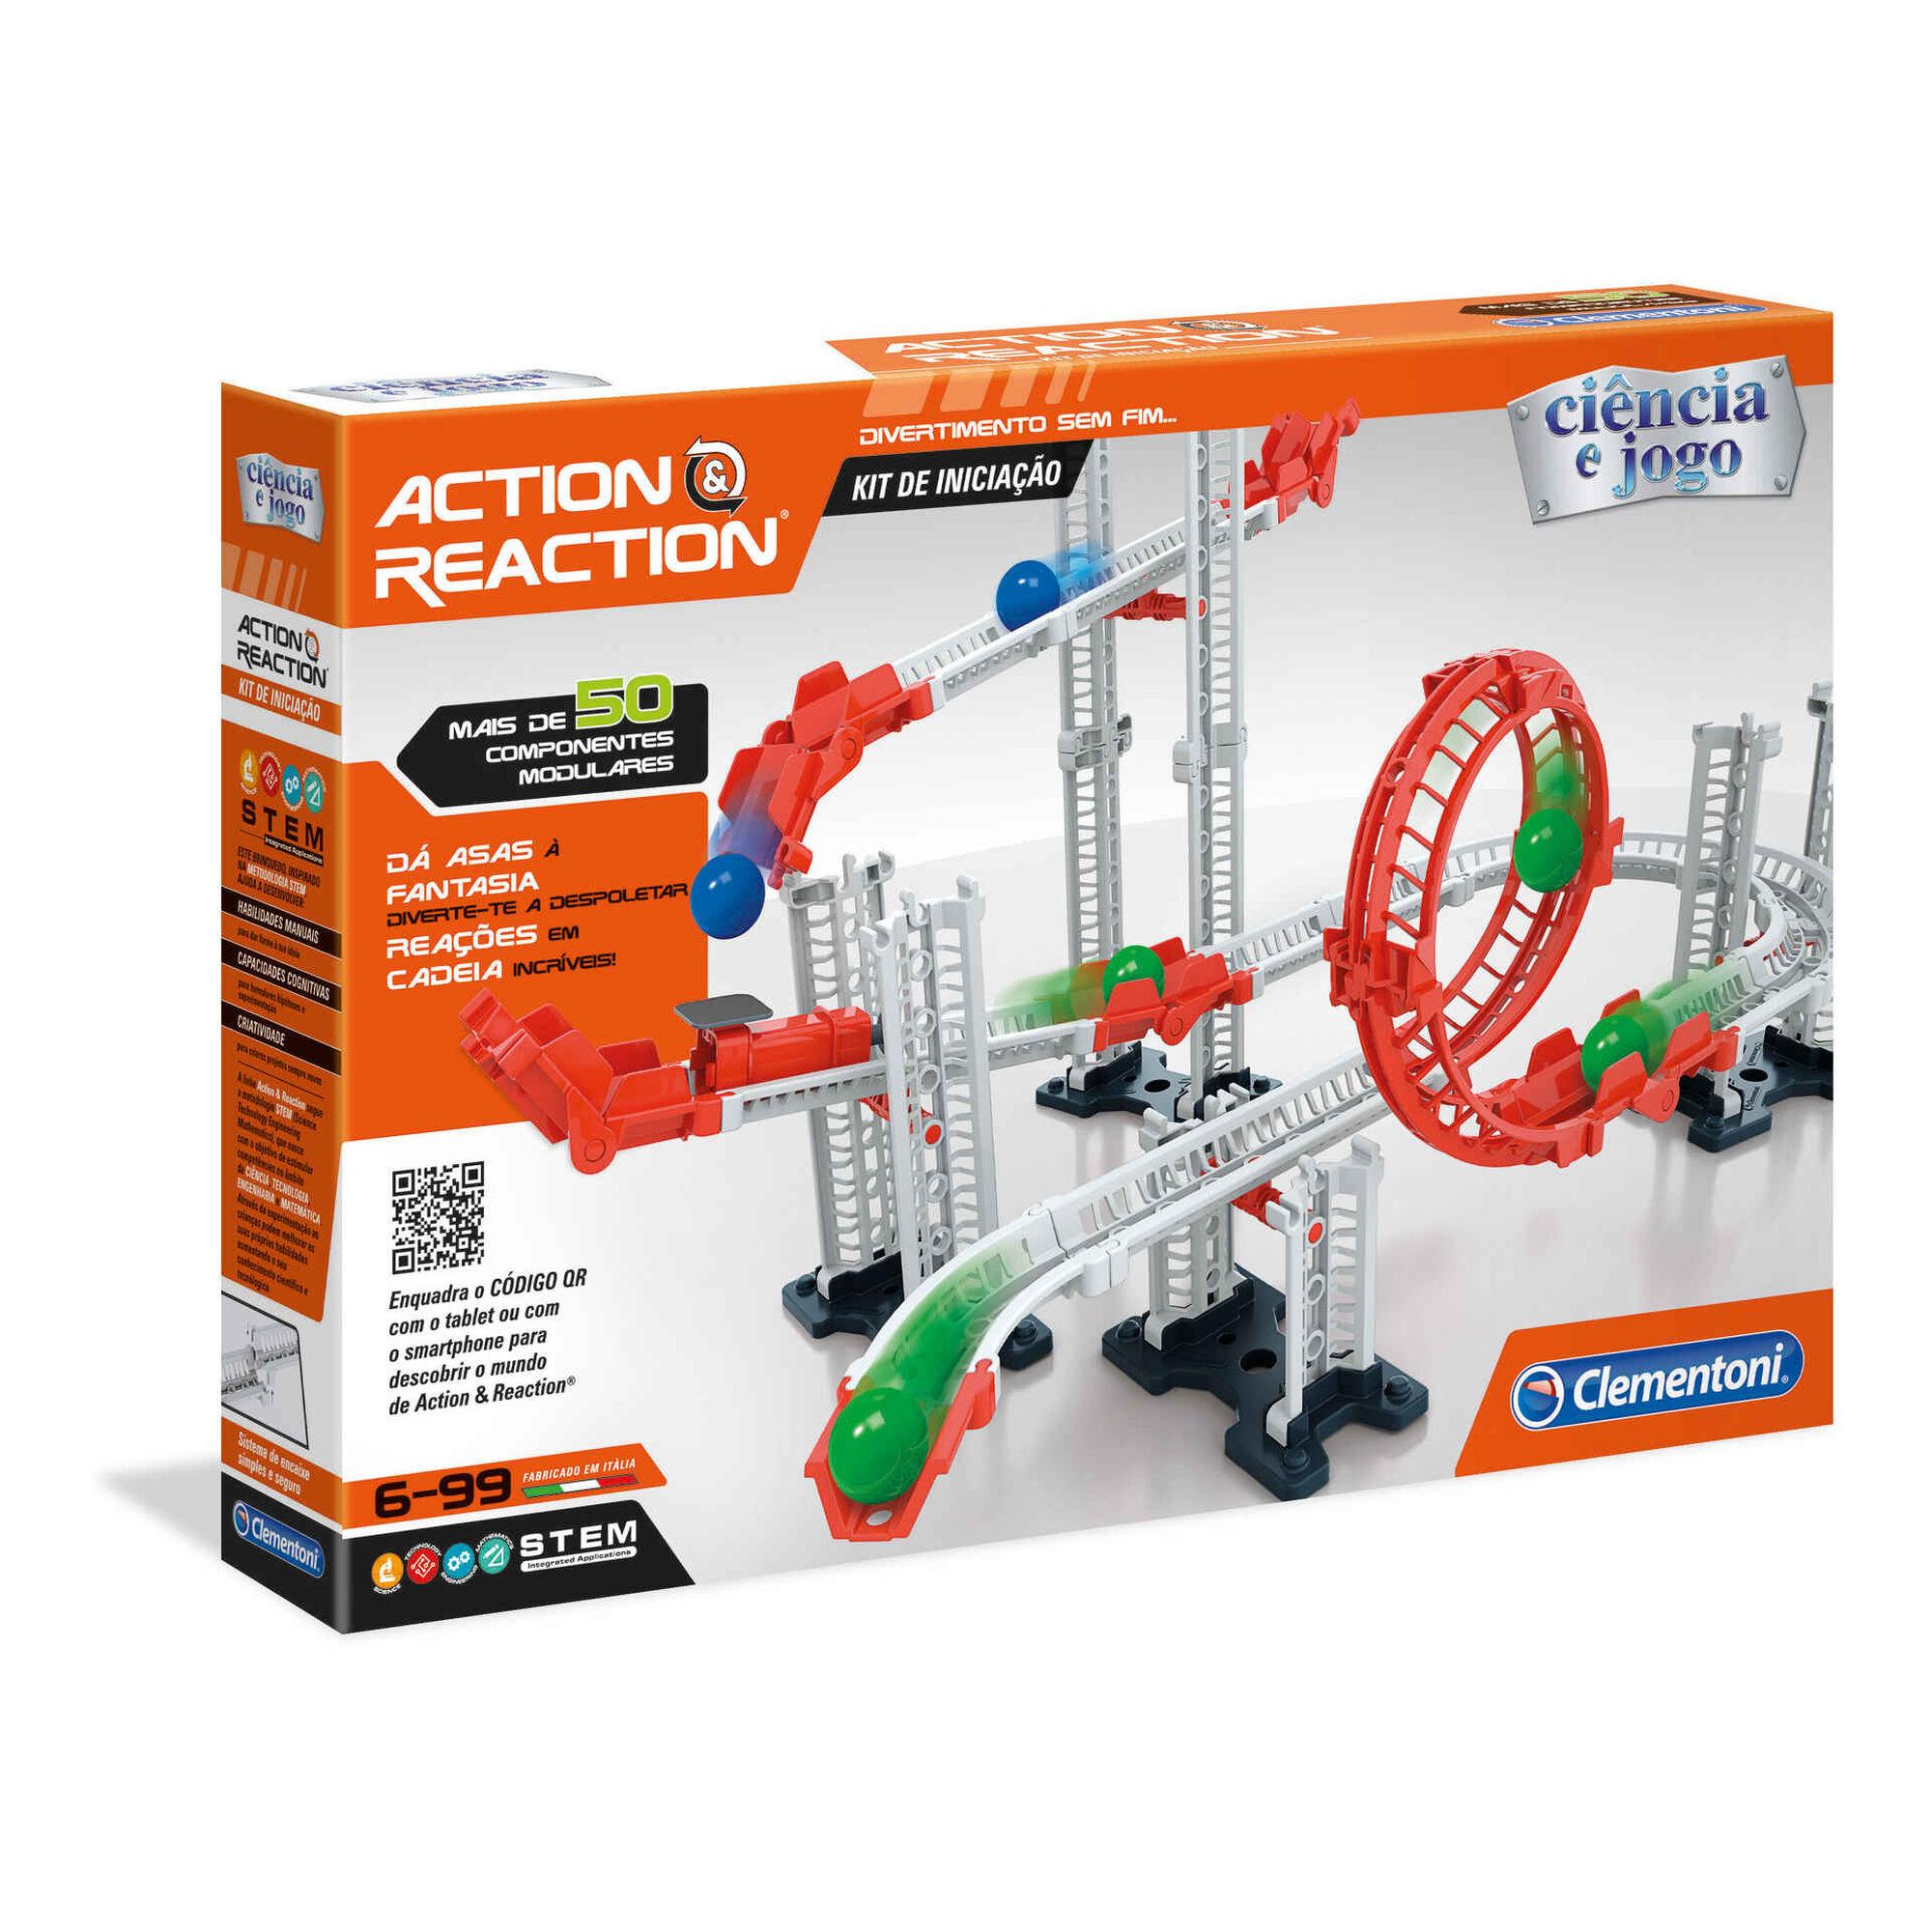 Action & Reaction - Kit de Iniciação